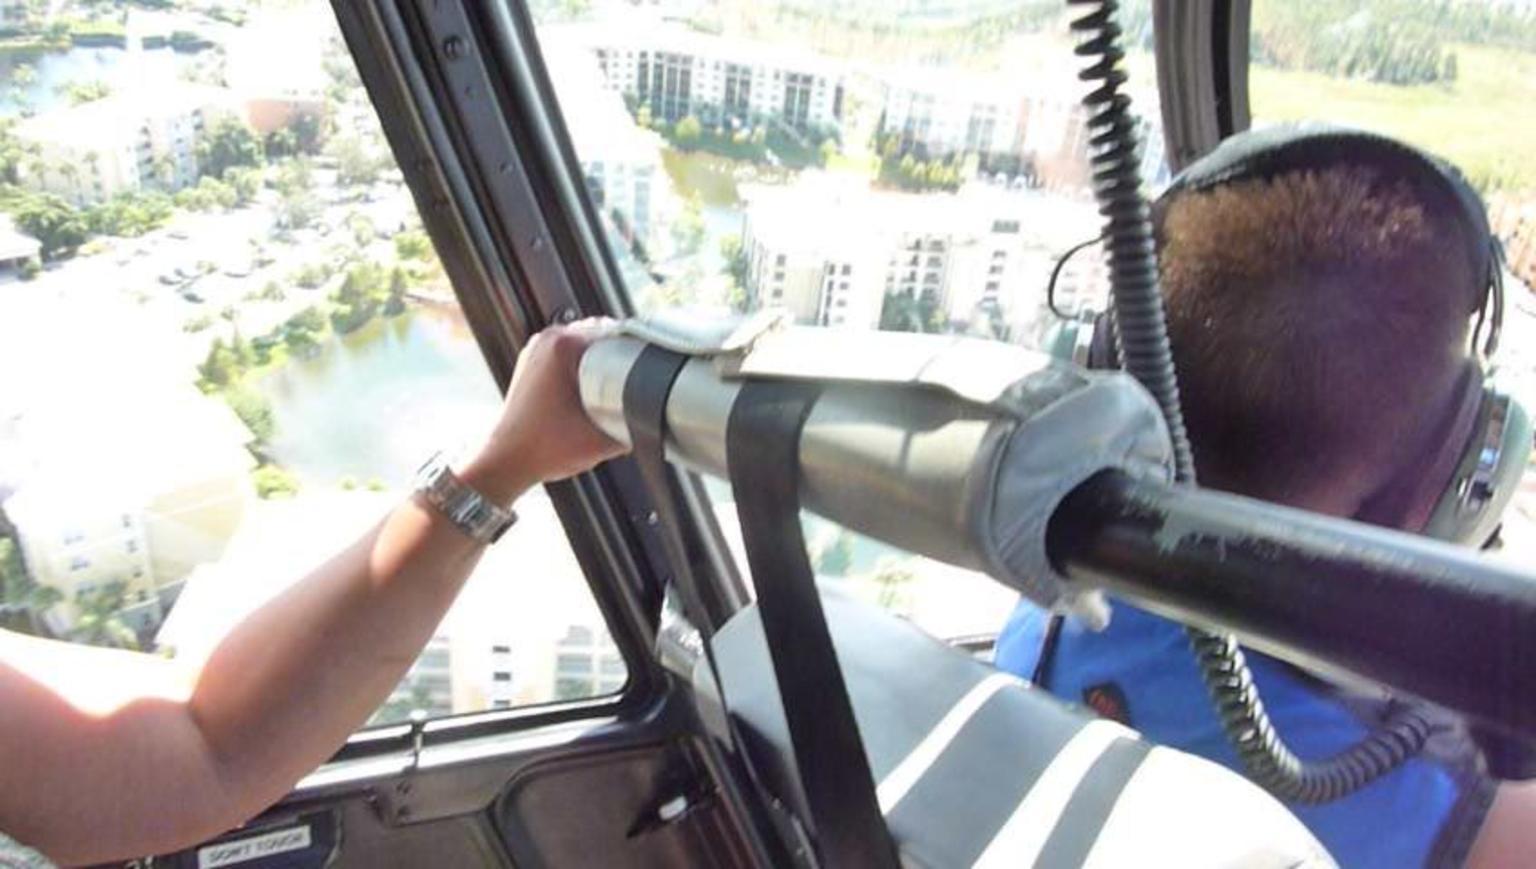 MÁS FOTOS, Excursión en helicóptero a Orlando desde el área de International Drive